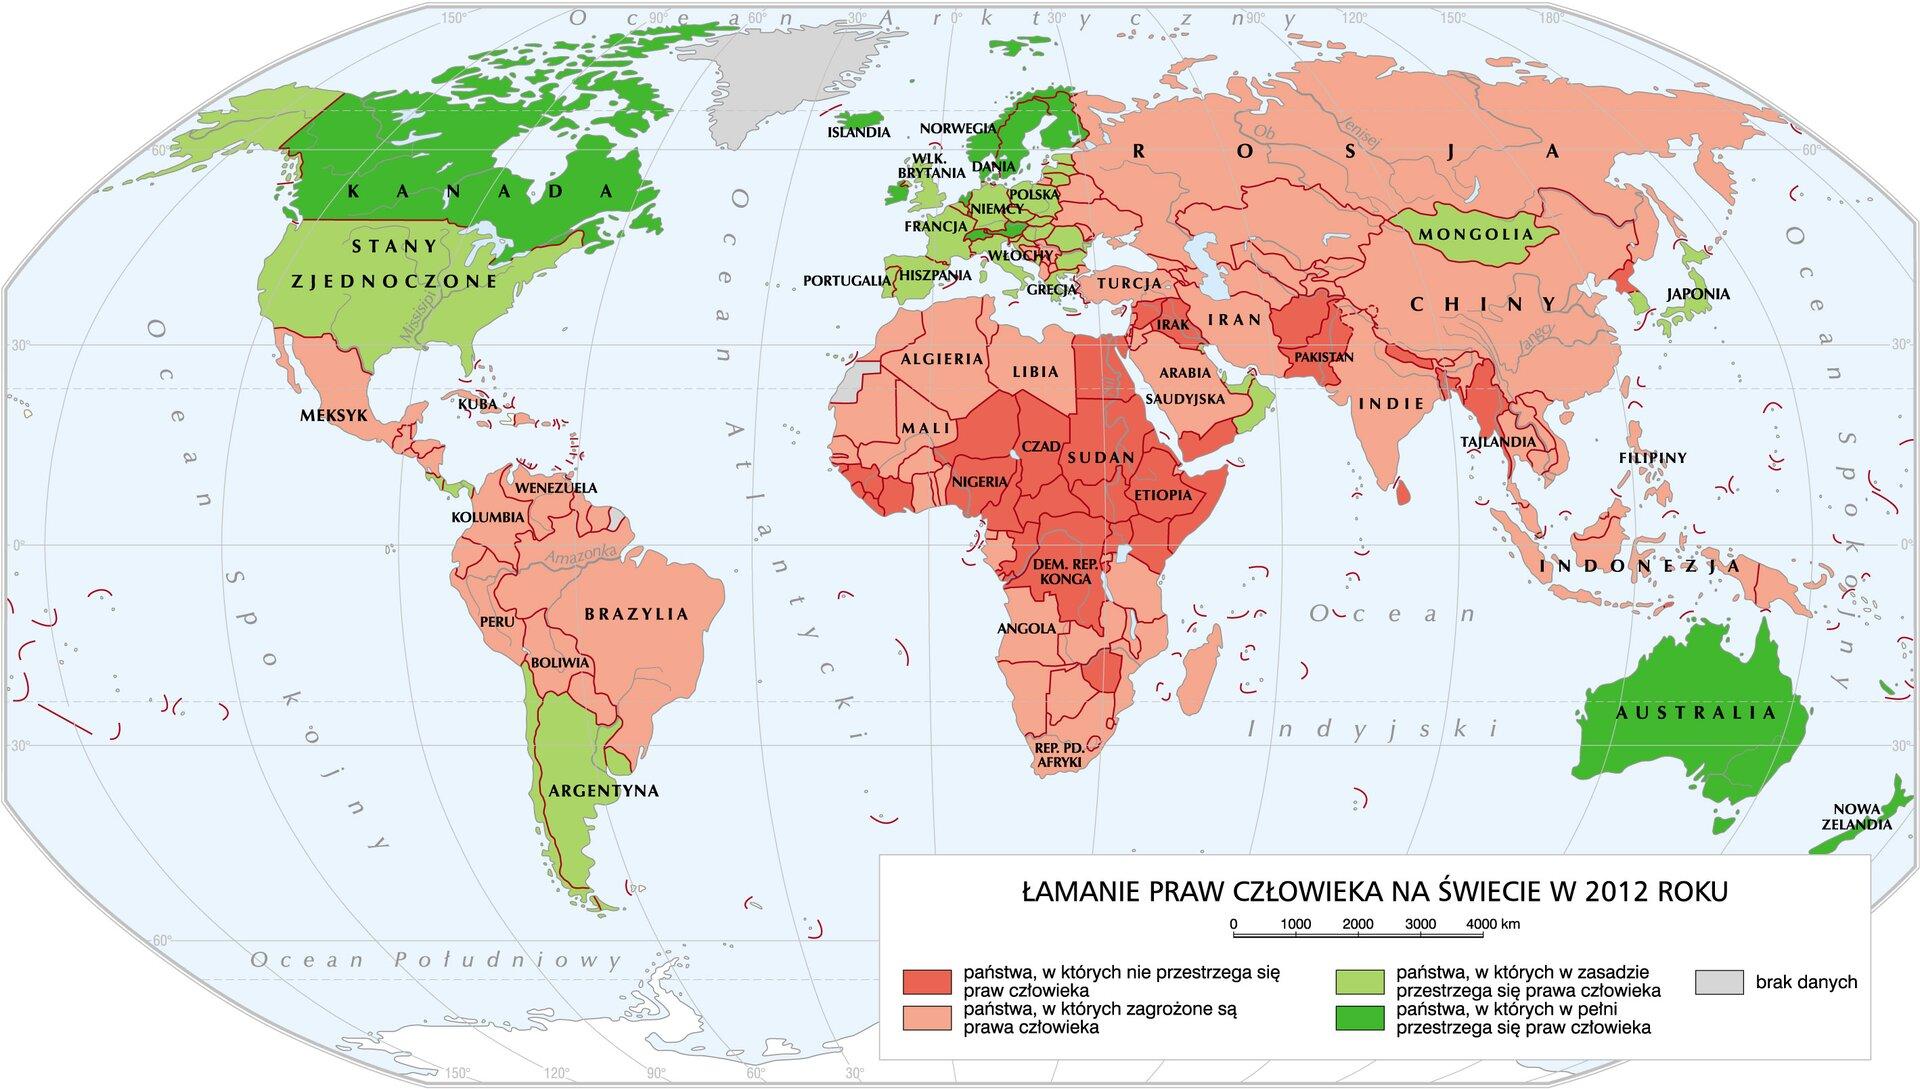 mapaŁamanie praw człowieka na świecie